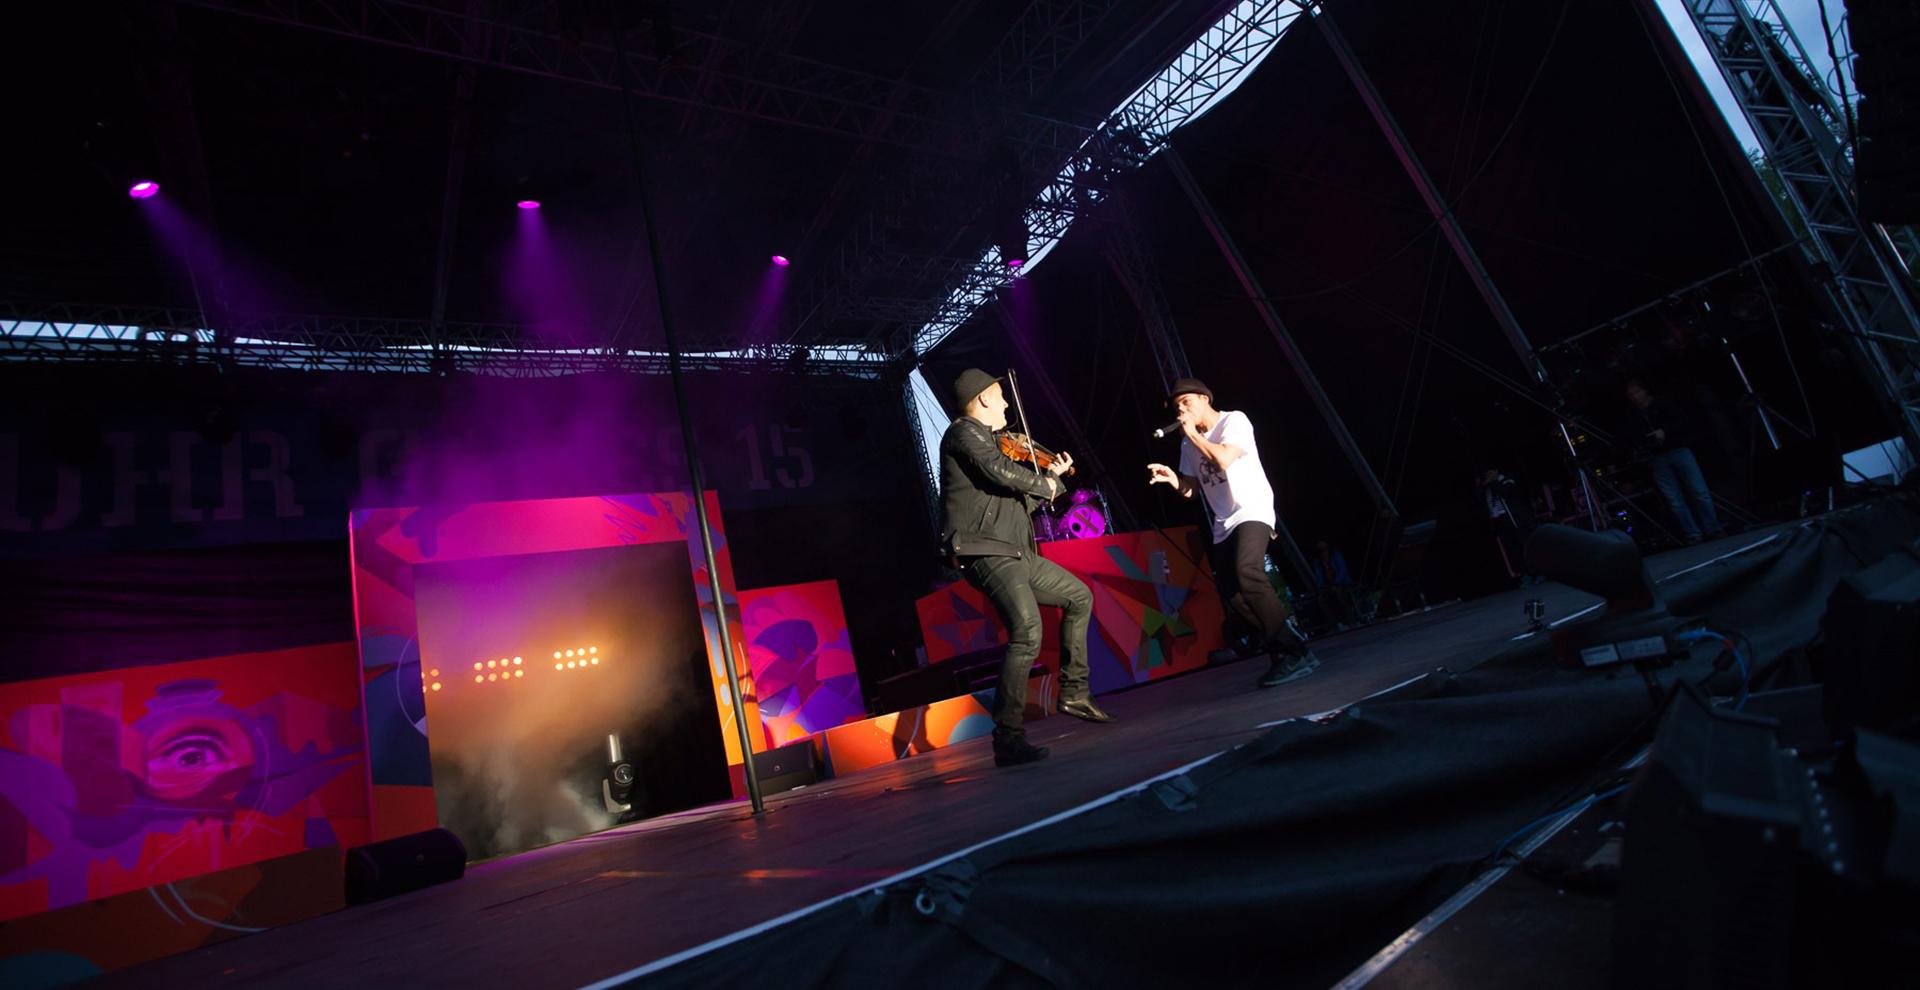 URBANATIX 2015 - Ruhr Games – AGENTUR DACAPO RUHR_05